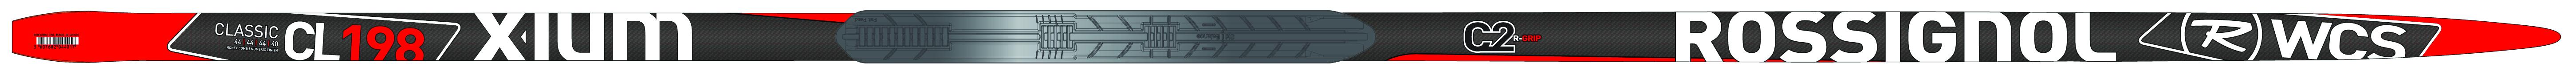 Rossignol X-ium classic WCS C2 R-Grip (zero-ski) 15/16